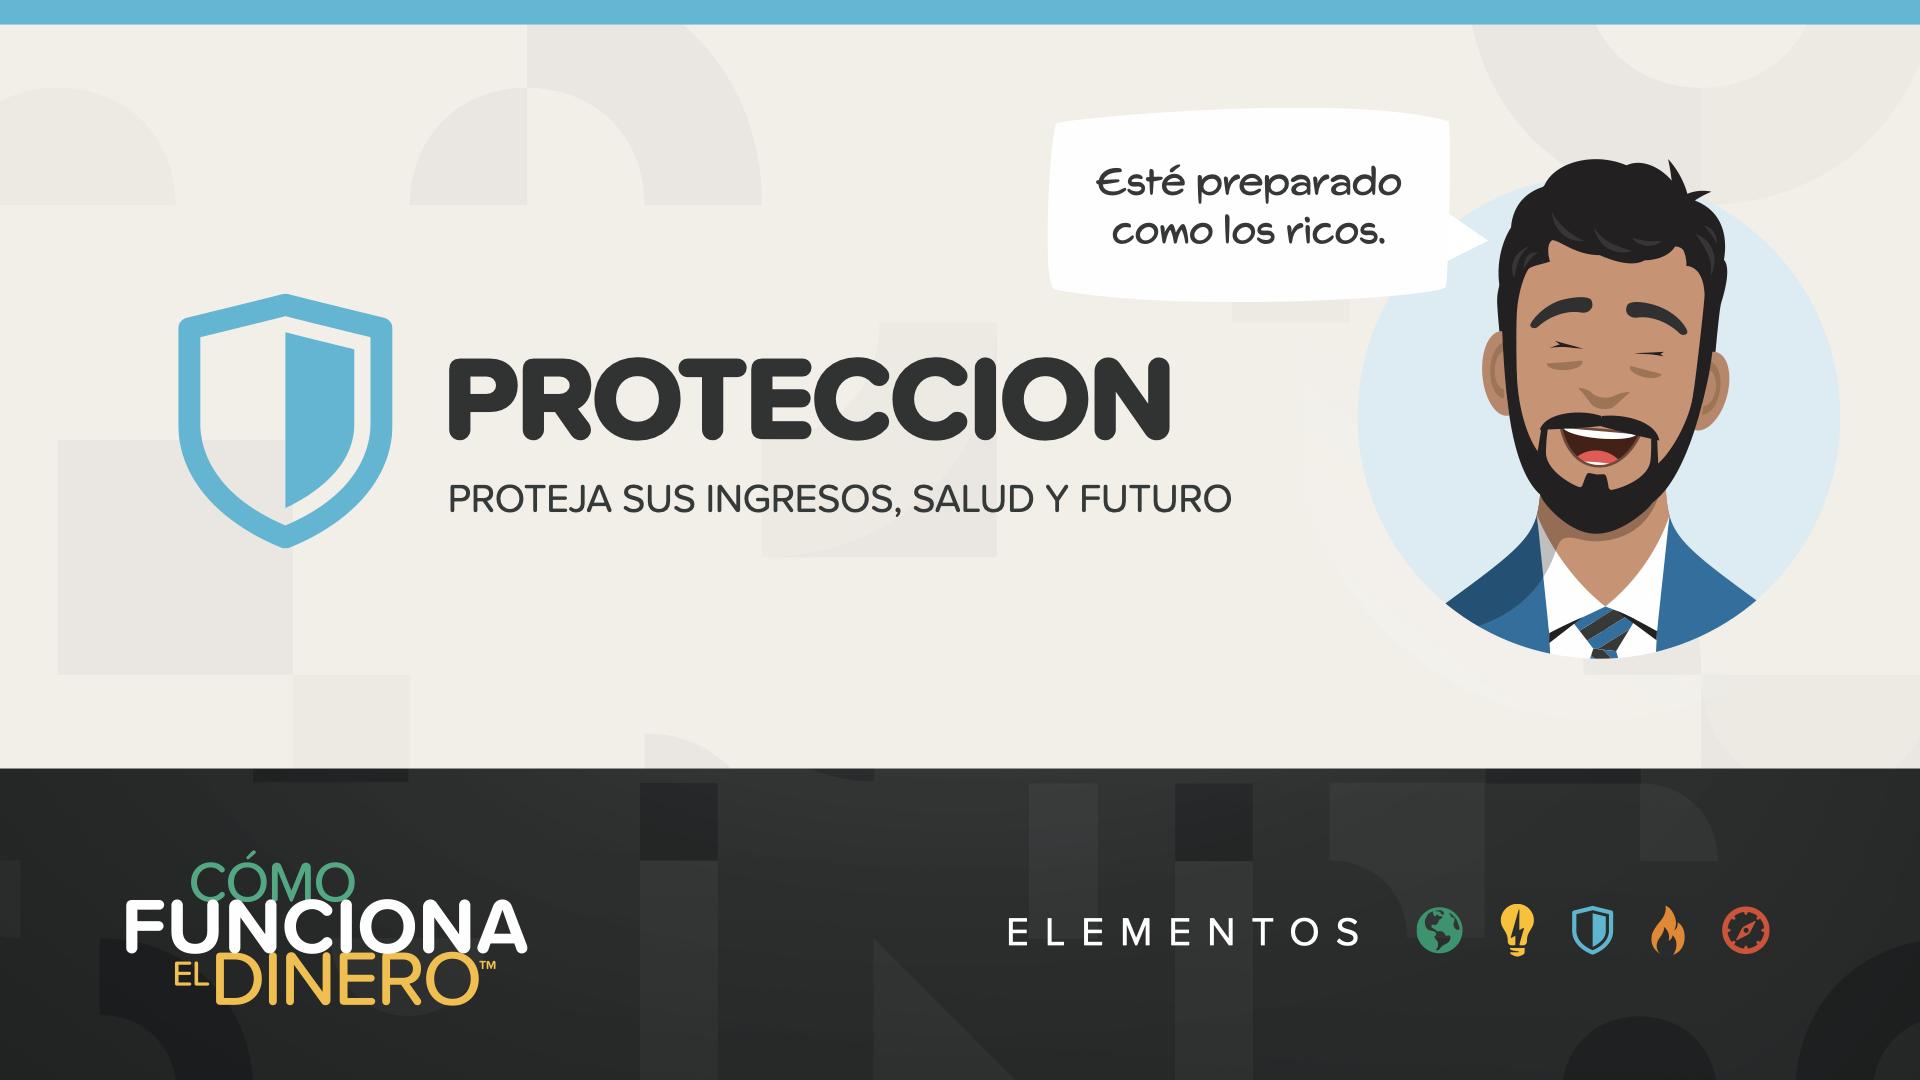 ELEMENTOS - Proteccion